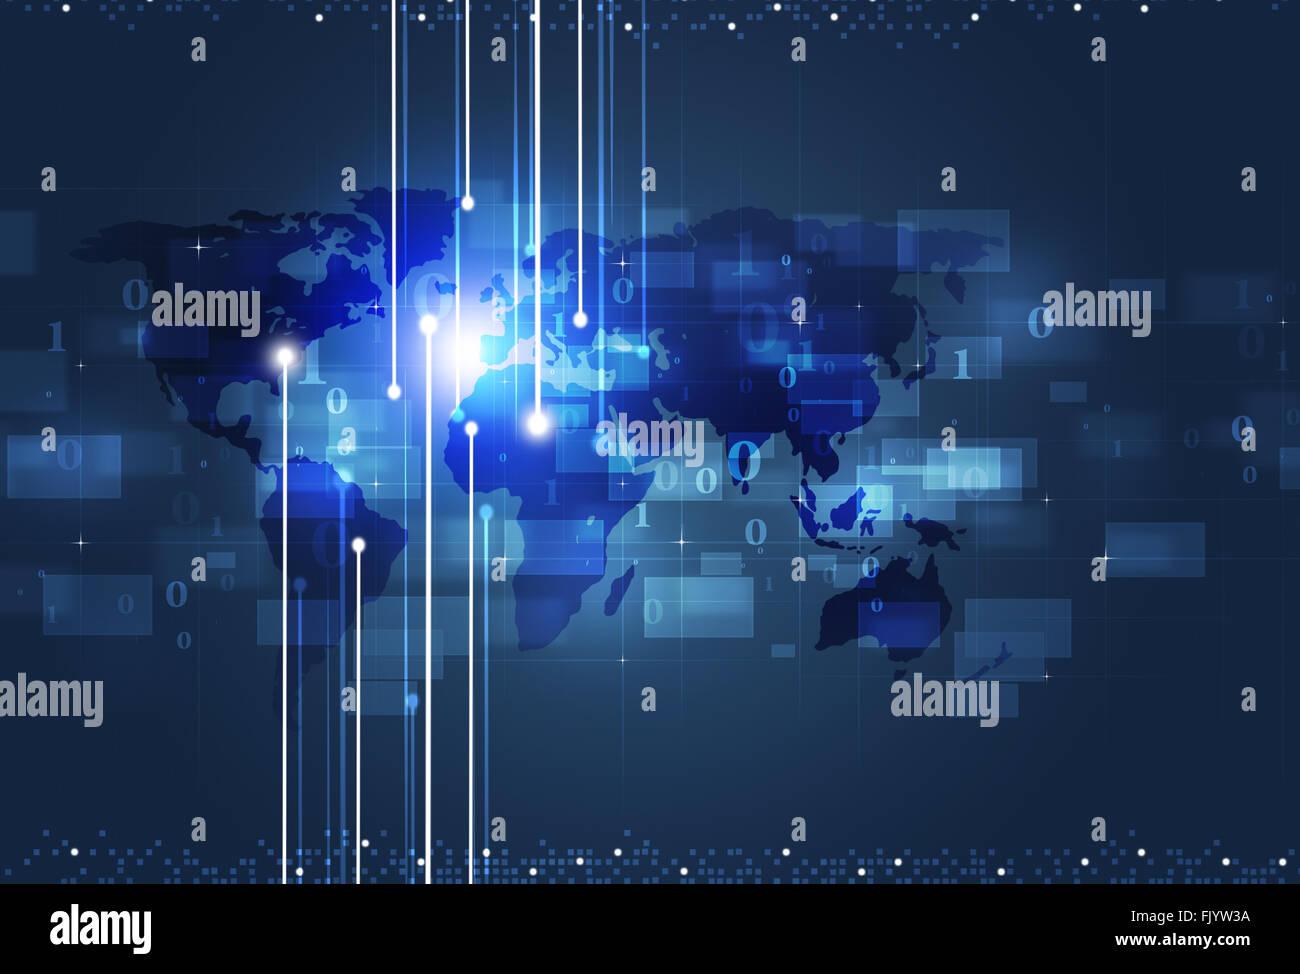 Kommunikation Technologie Gesamtkonzept blau Business-Hintergrund Stockbild